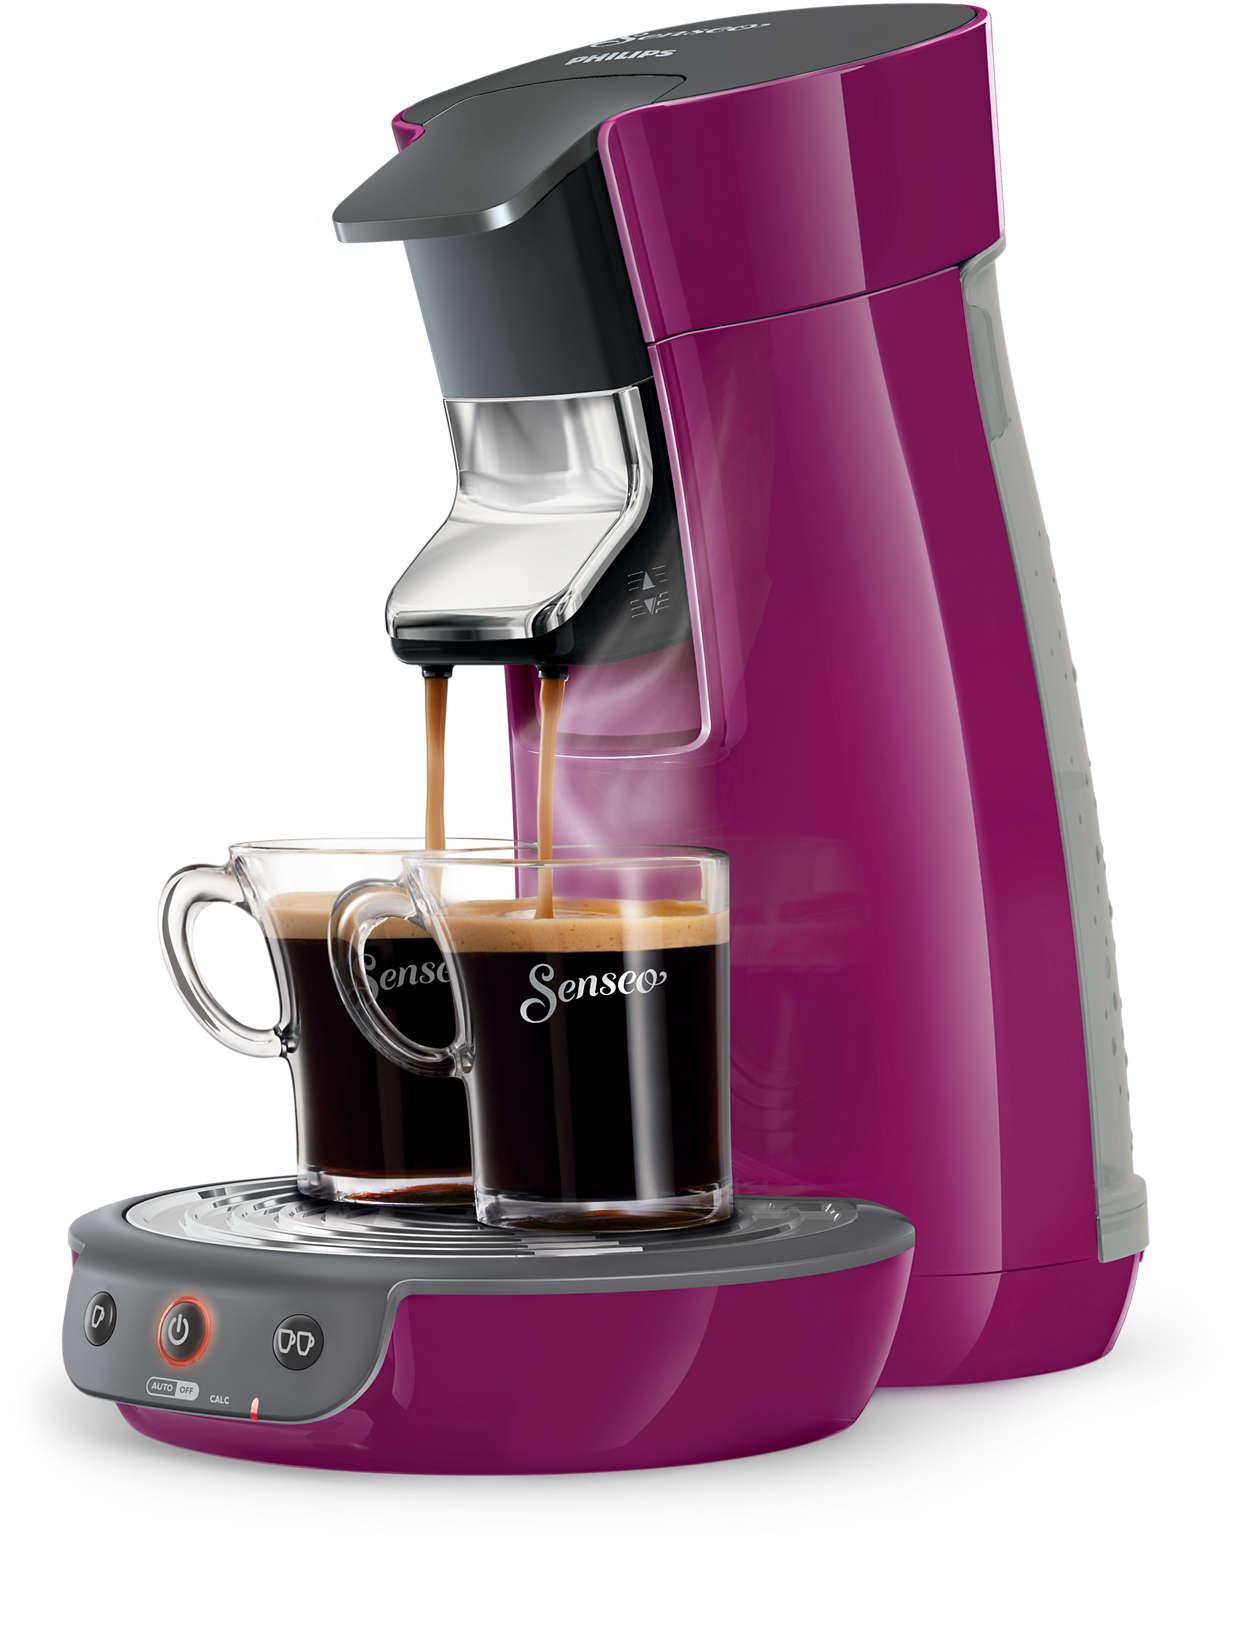 viva caf machine caf dosettes hd7826 71 senseo. Black Bedroom Furniture Sets. Home Design Ideas